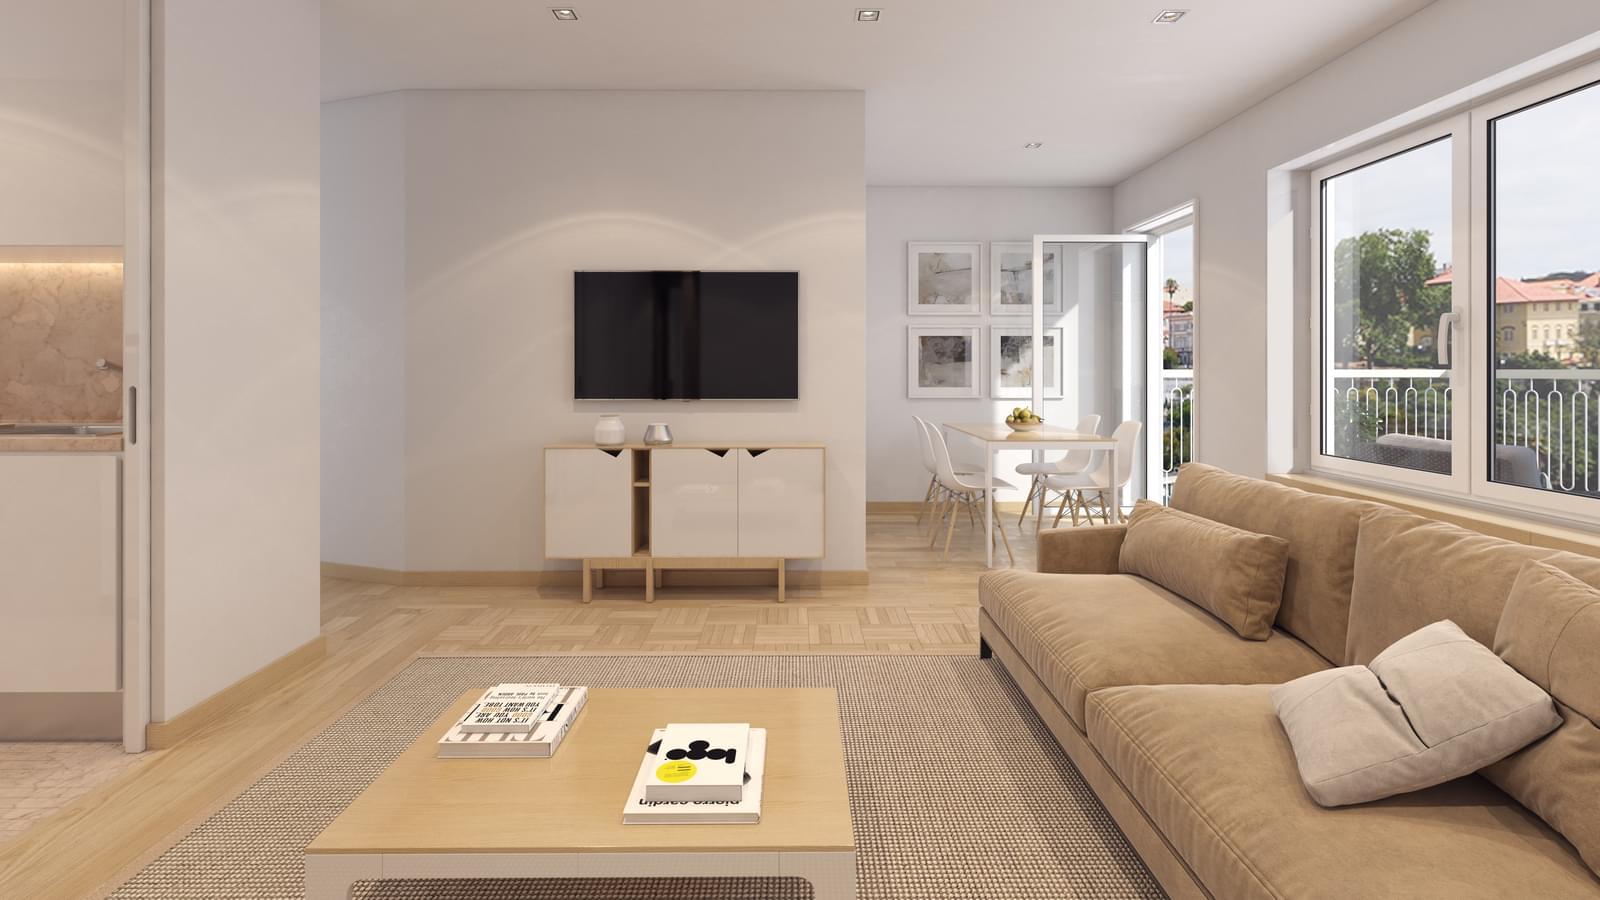 2 bedroom apartment Príncipe Real